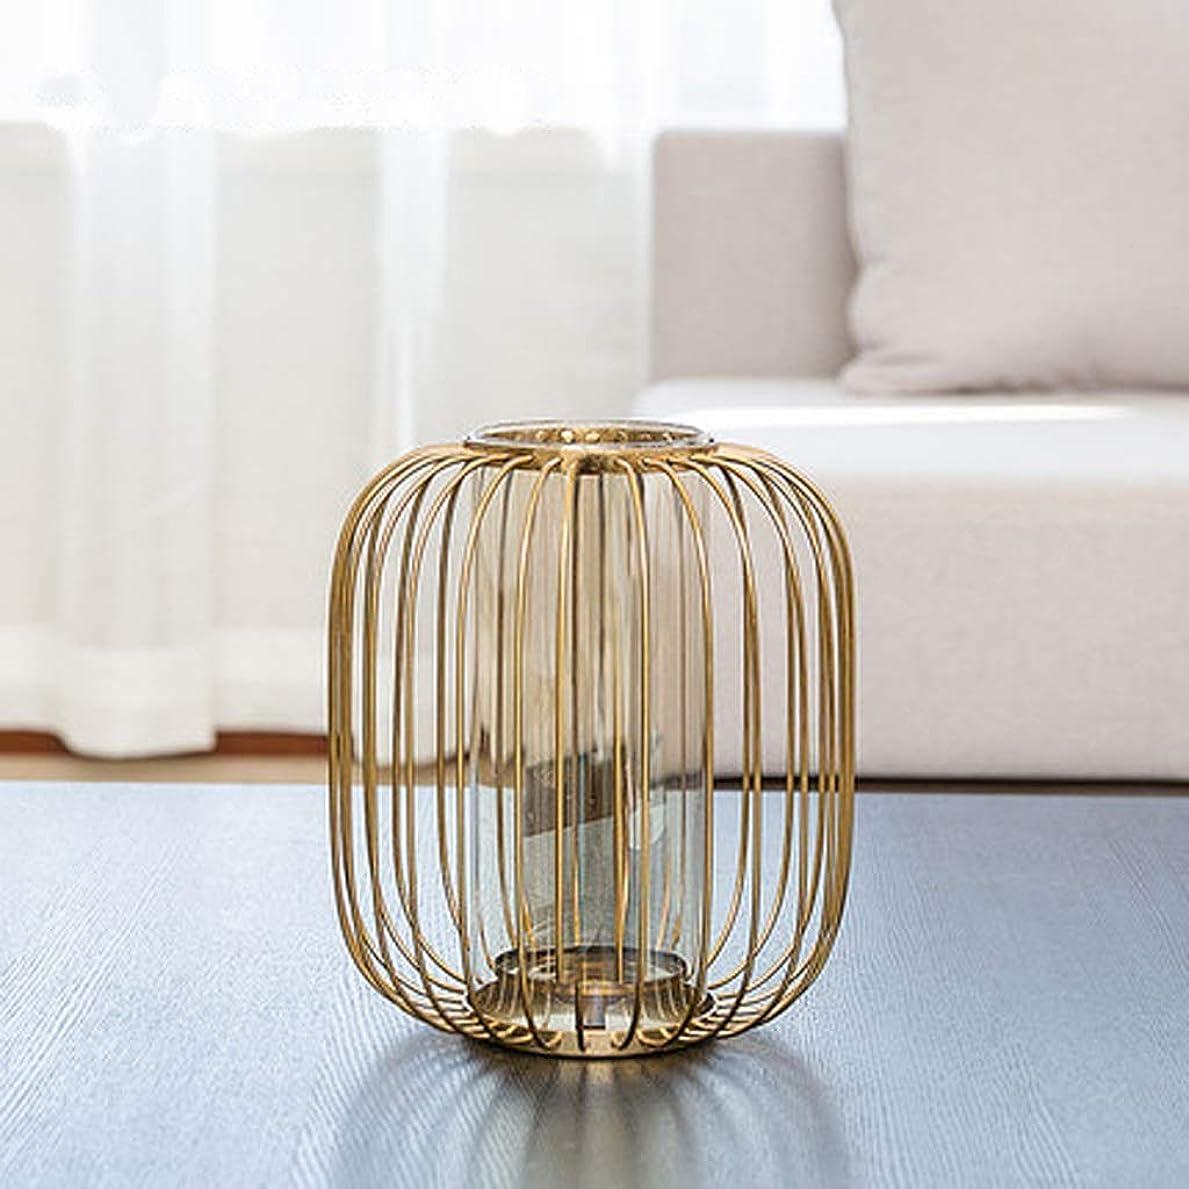 なんでも散る添加剤花器 シンプルさがエレガンス 材料ユニークなインテリアデザインガーデン装飾サイズシンプルな装飾メタルを明らかに (Size : 20cm*26cm)